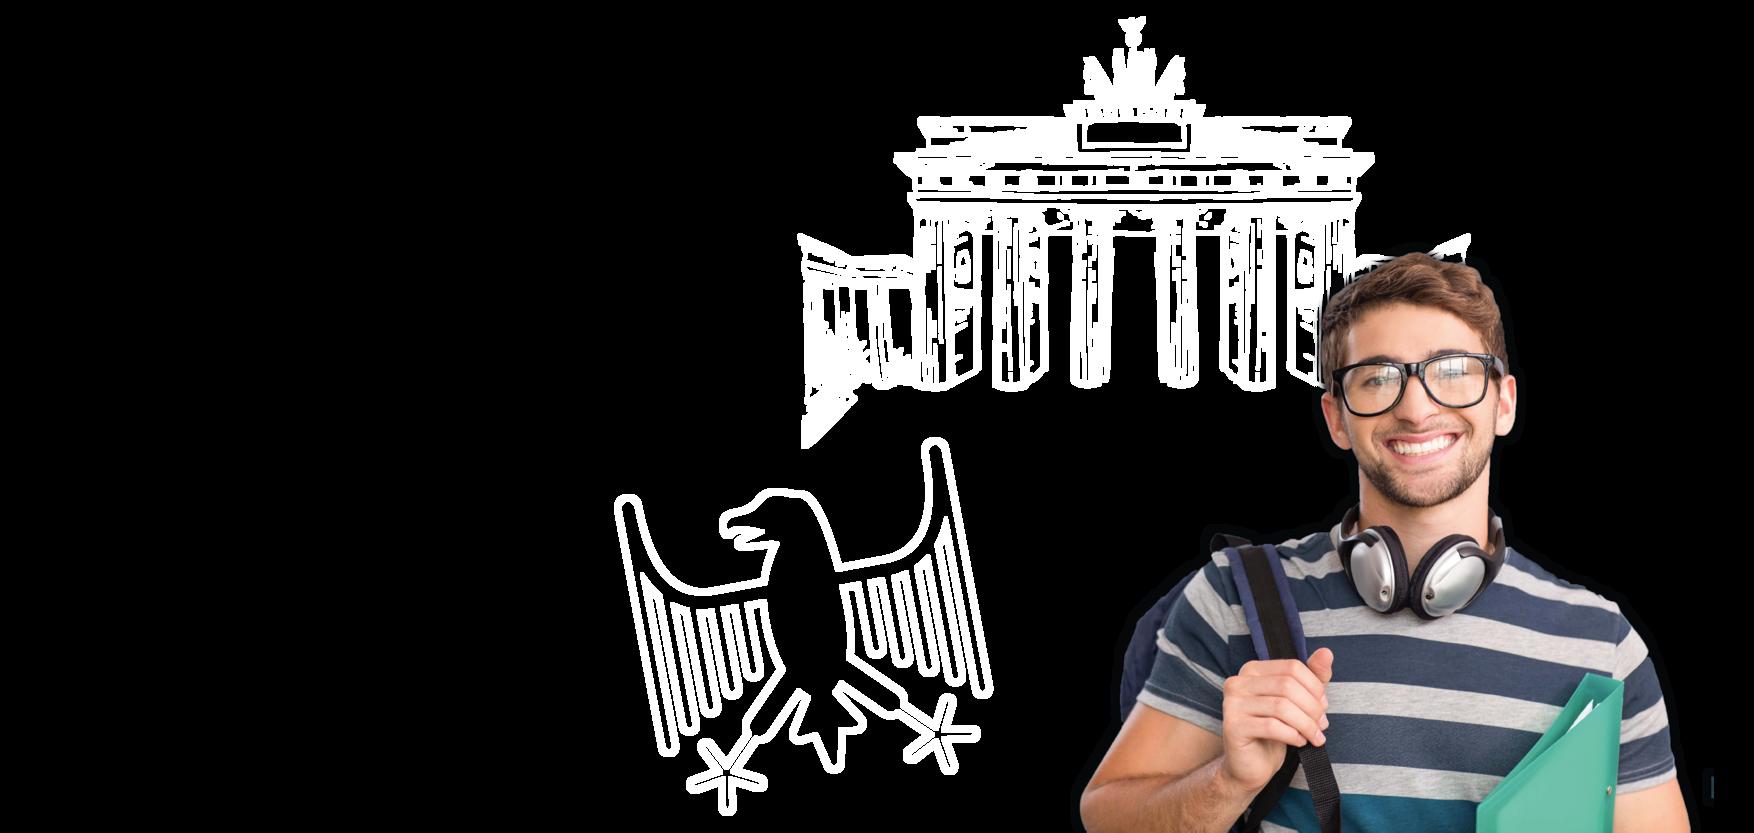 Курсы по немецкому языку для 5, 6, 7 и 8 классов в СПб